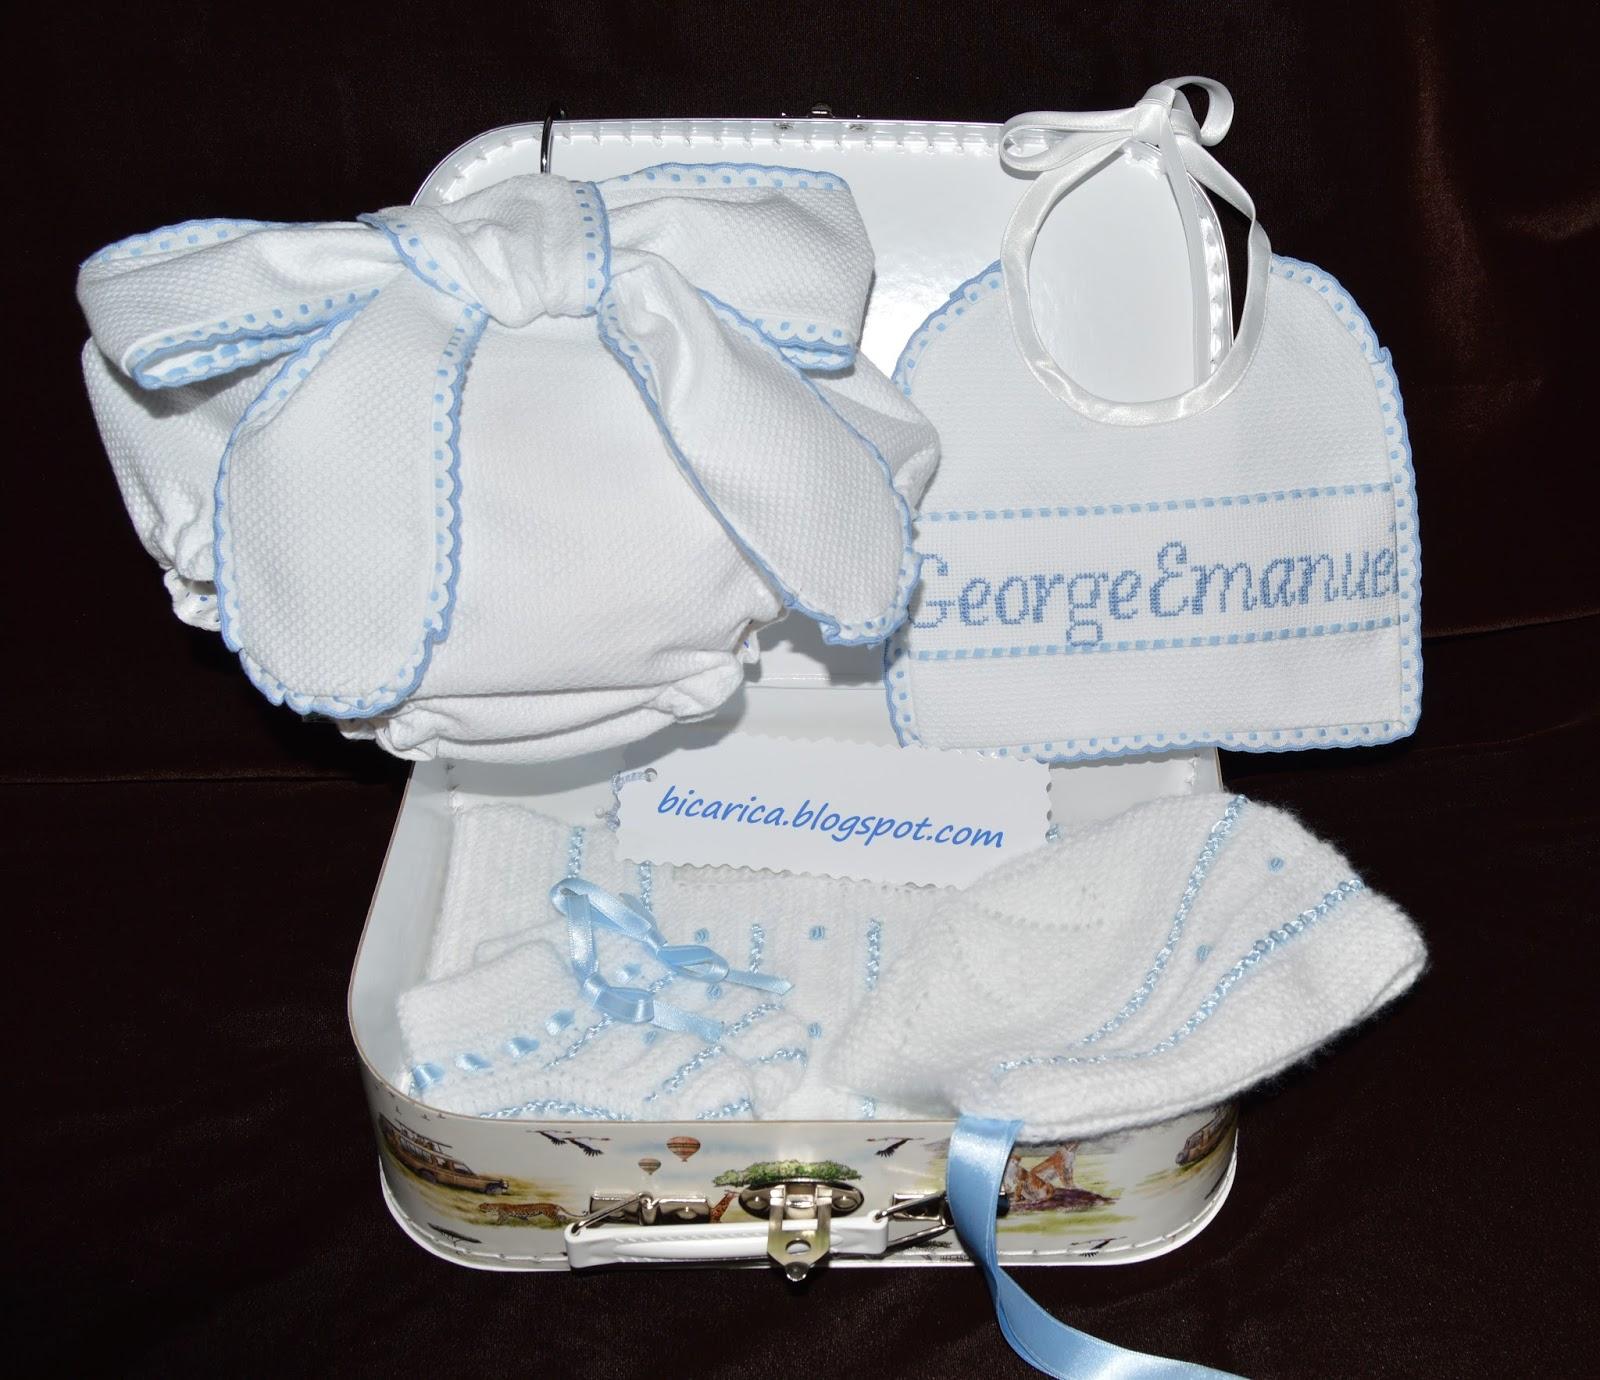 Canastilla artesanal personalizada para bebe bicarica - Canastilla artesanal bebe ...